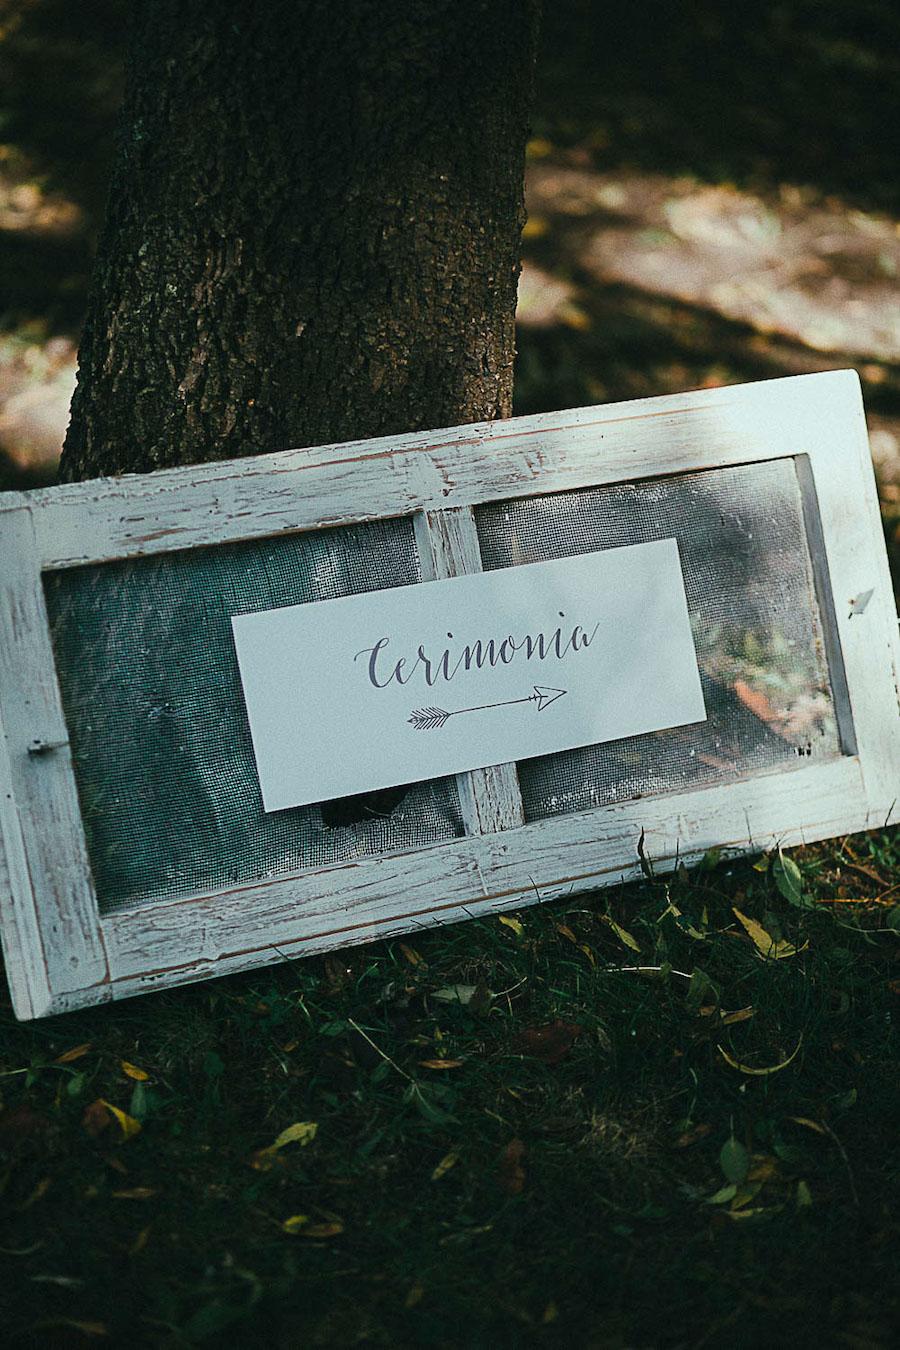 cartello cerimonia nel bosco